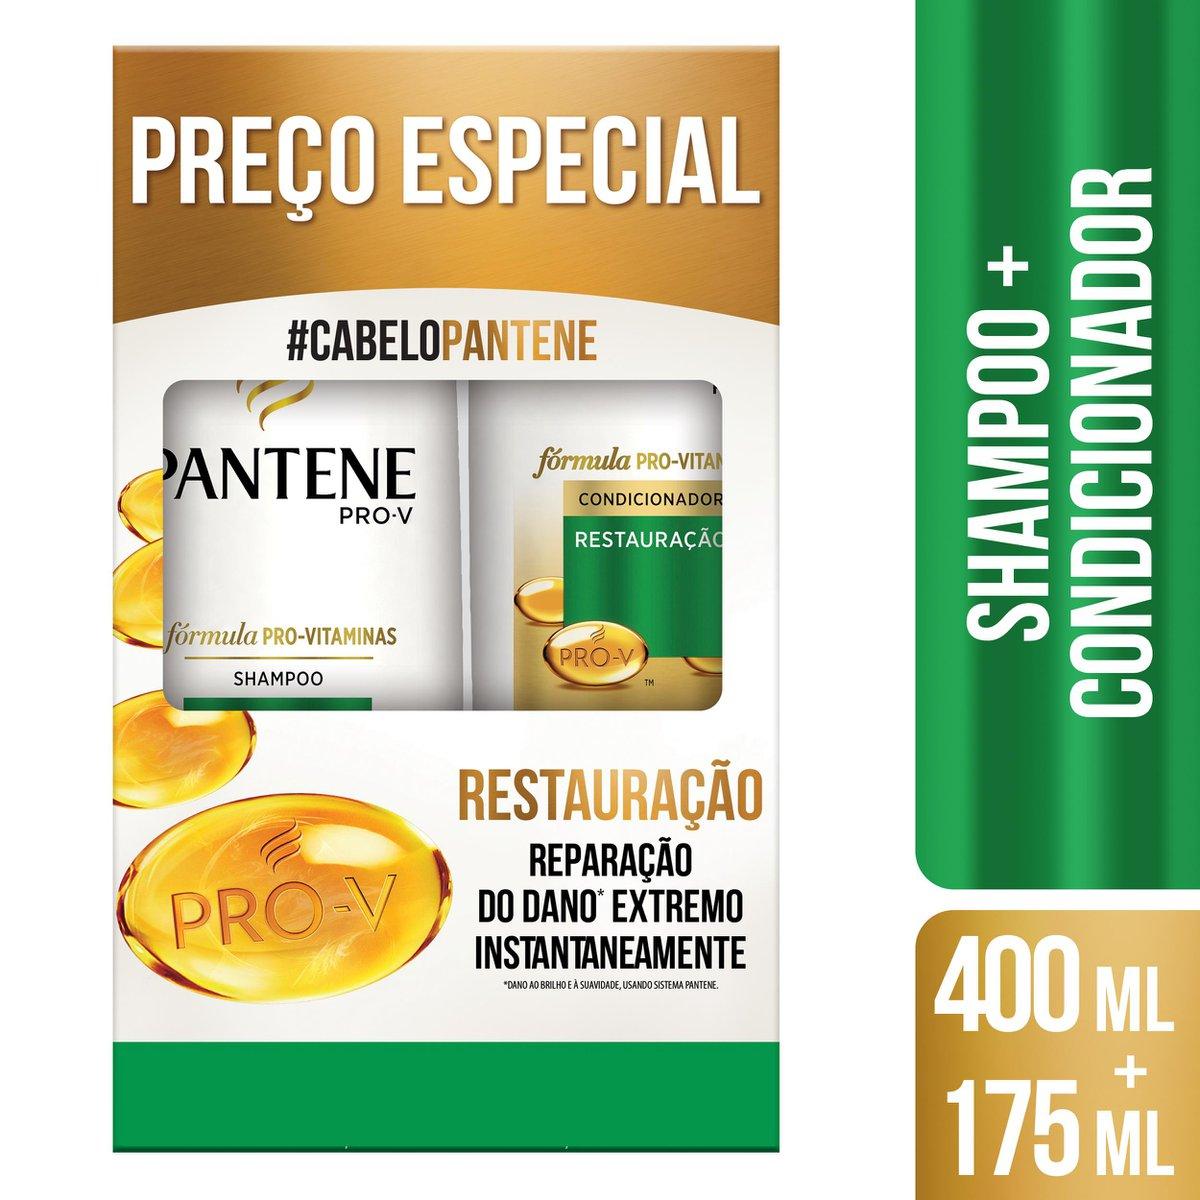 Pantene Kit Restauração Shampoo 400mL + Condicionador 175mL